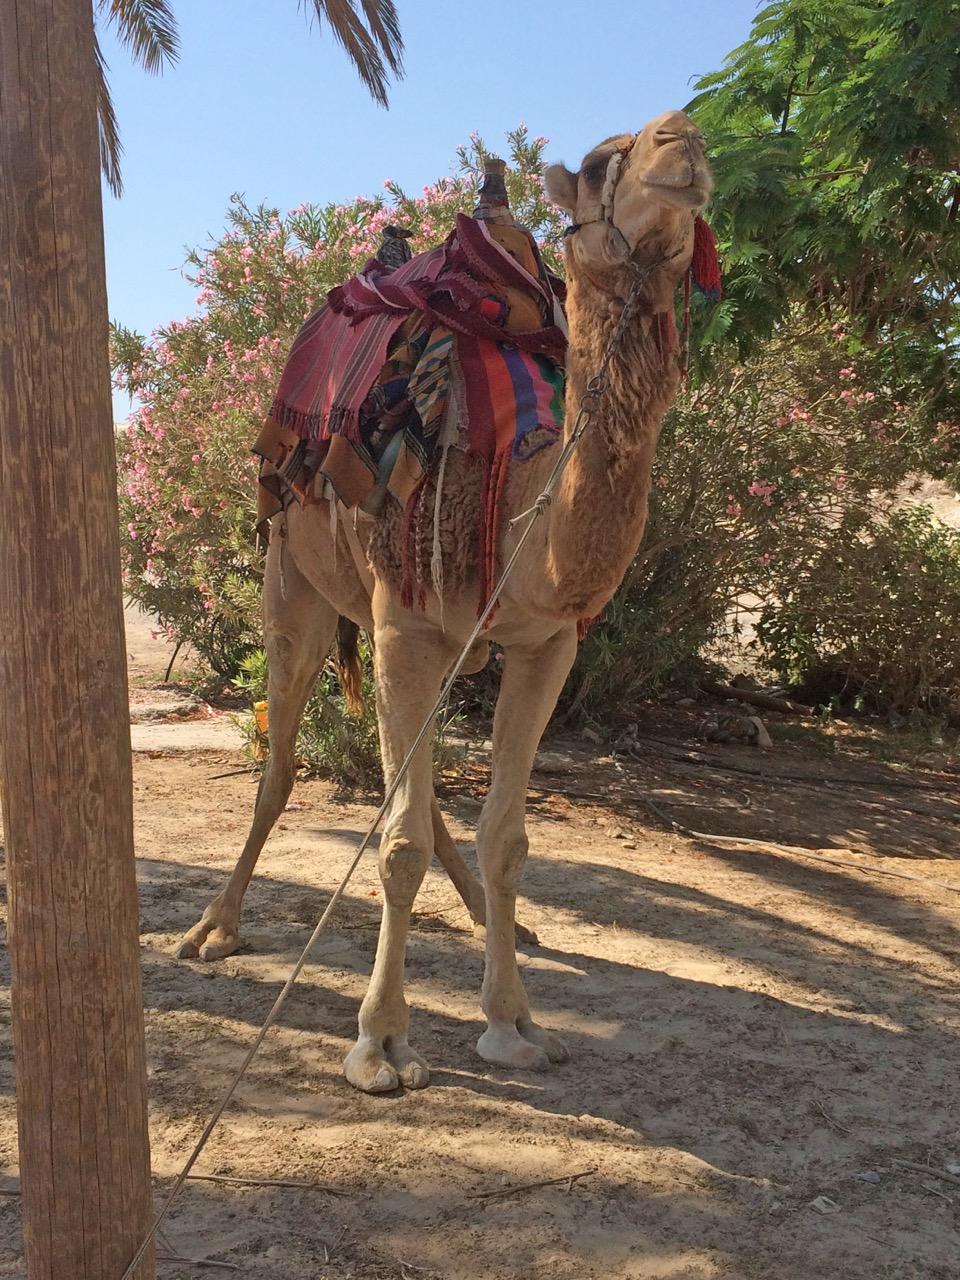 A Camel!